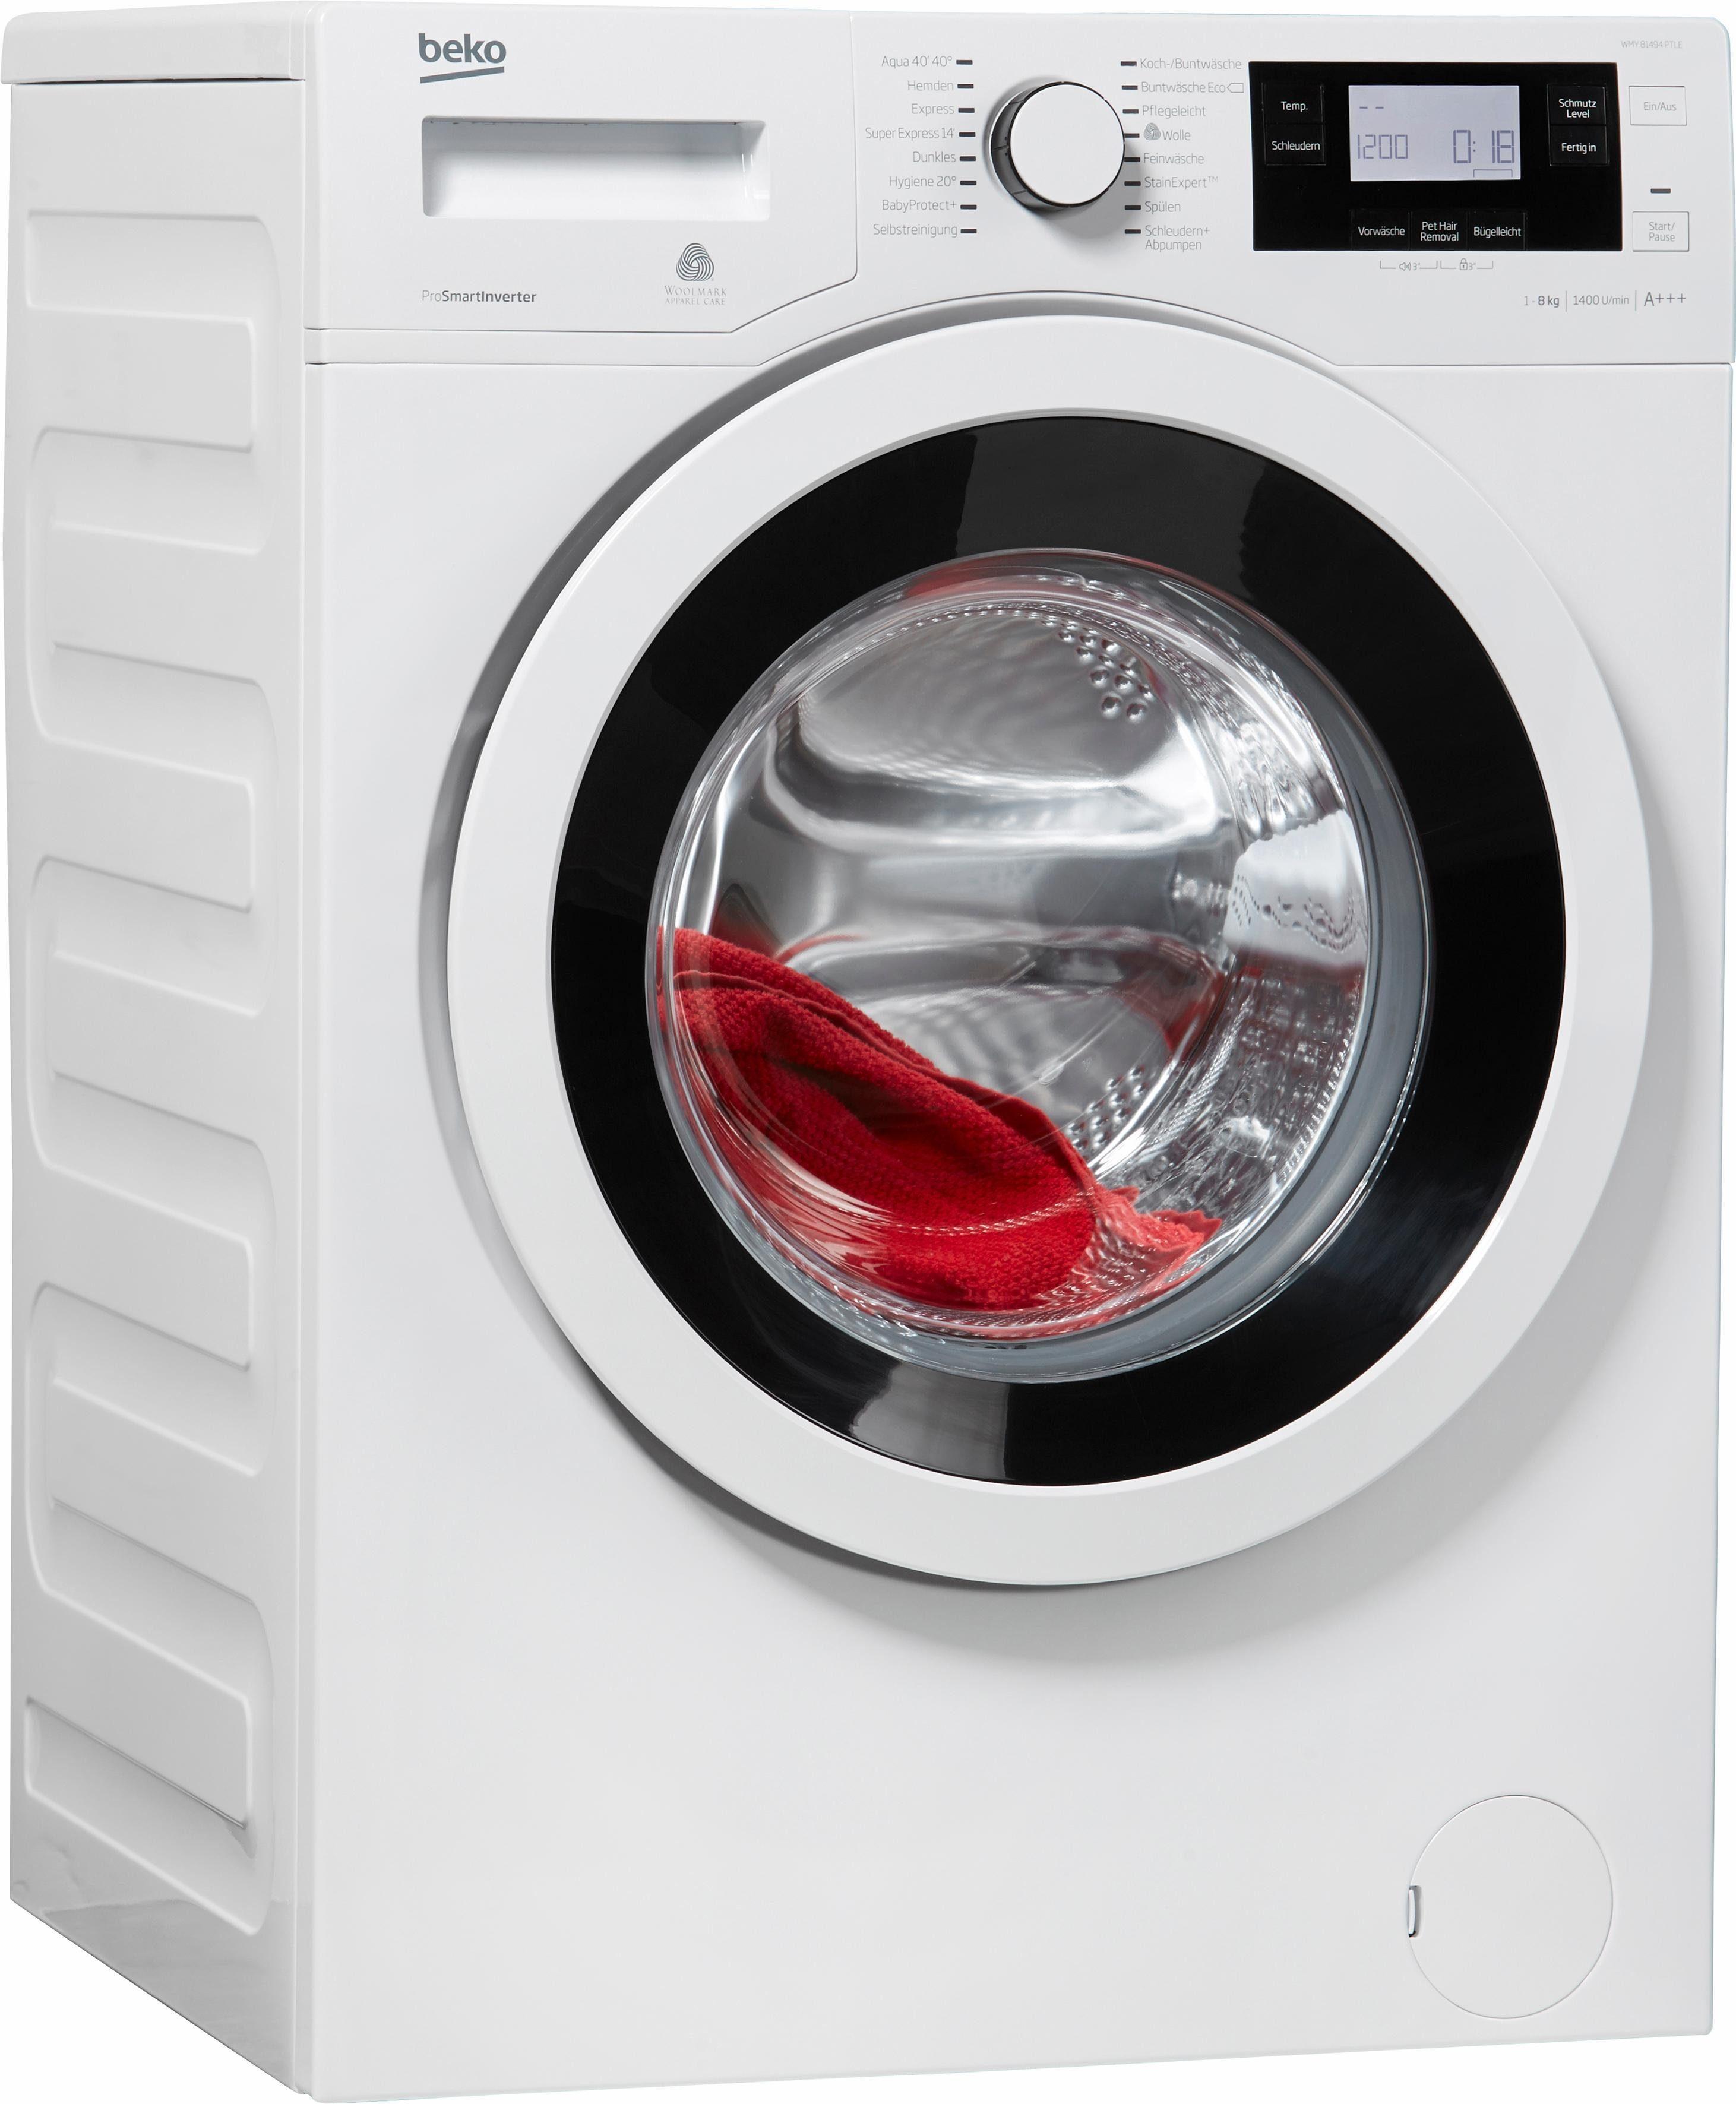 BEKO Waschmaschine WMY 81494 PTLE, A+++, 8 kg, 1400 U/Min